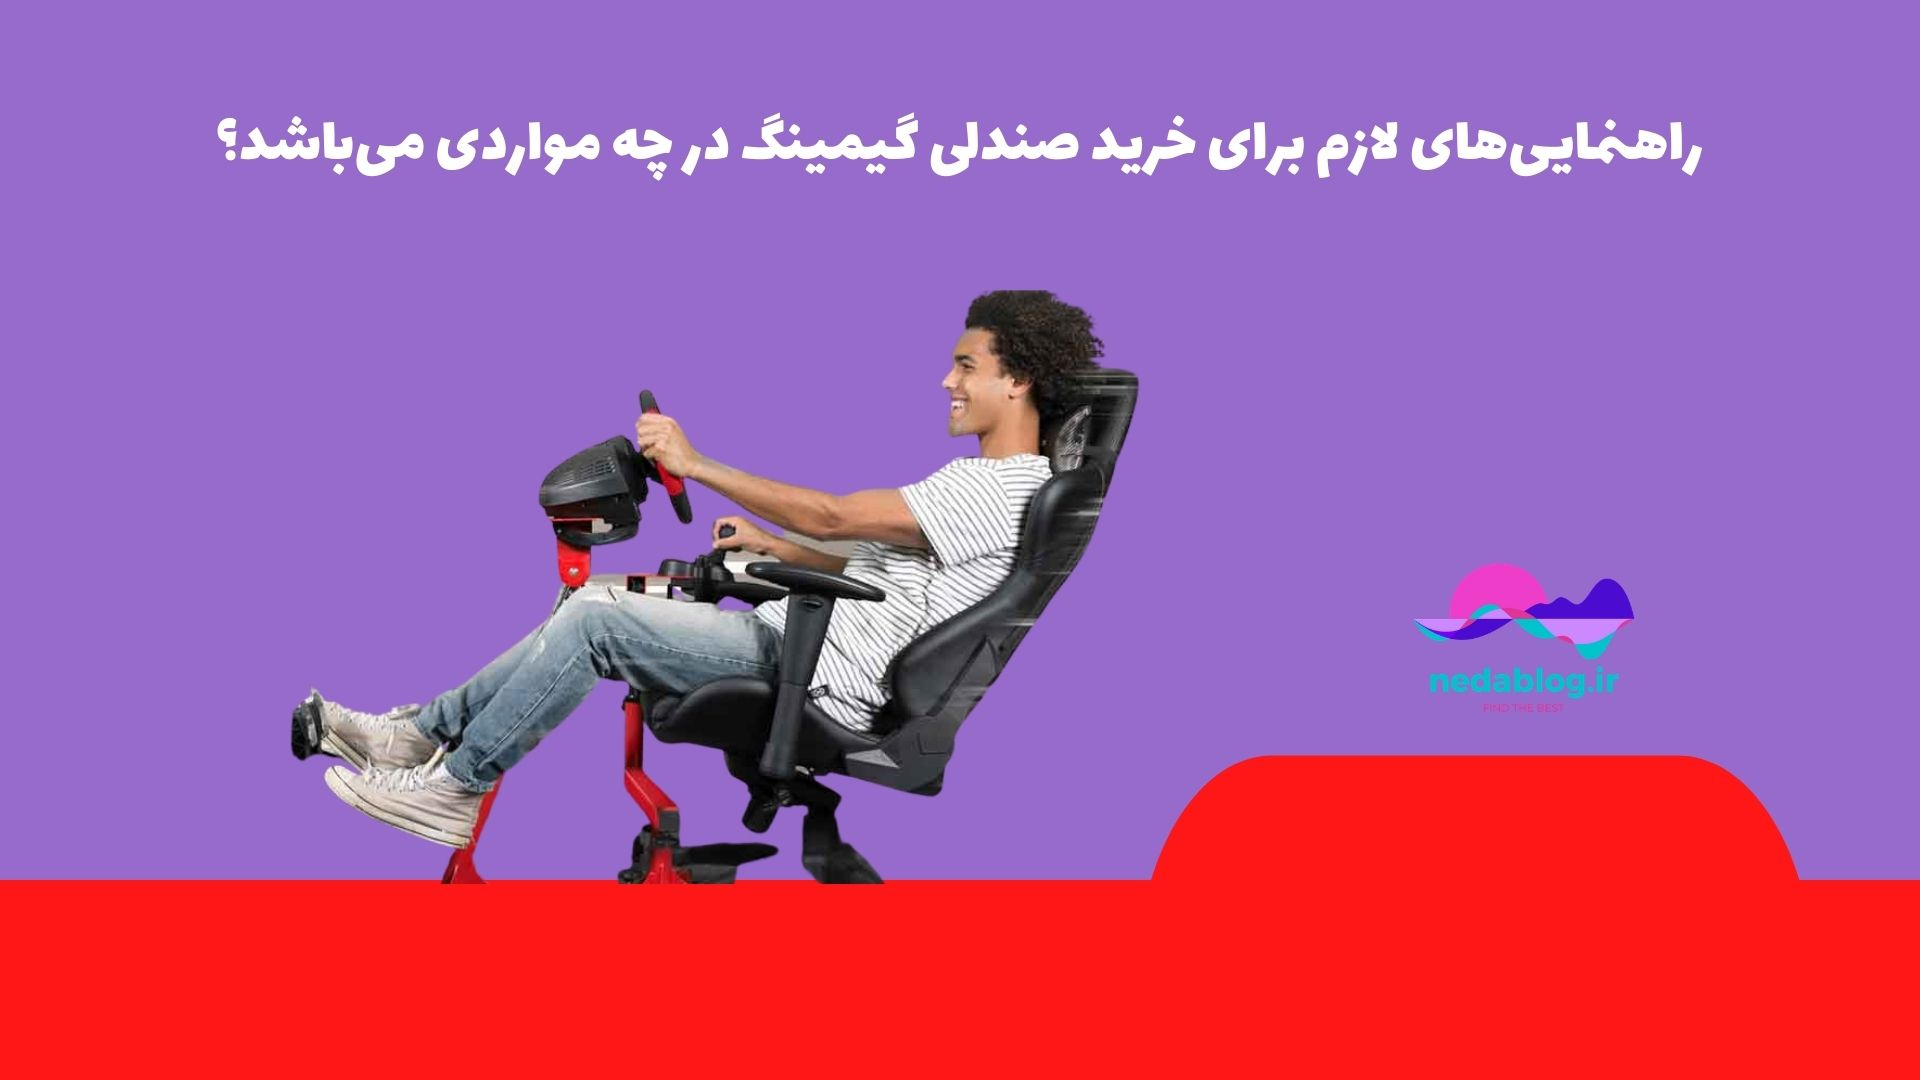 راهنماییهای لازم برای خرید صندلی گیمینگ در چه مواردی می باشد؟